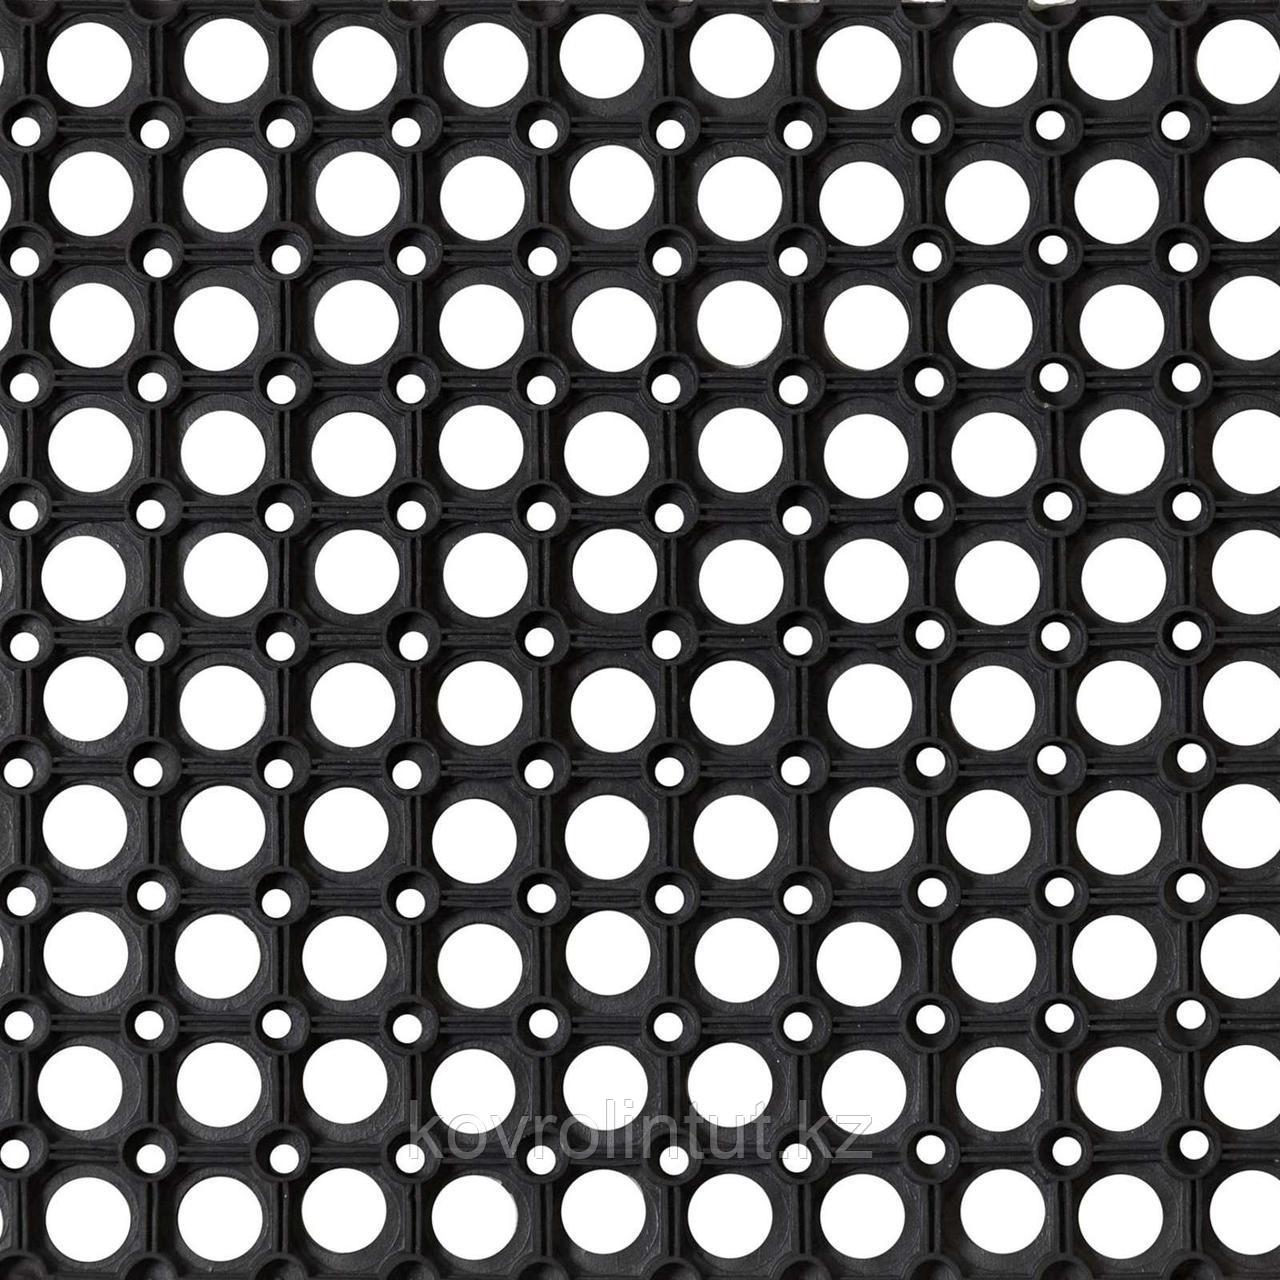 Коврик резиновый Ринго-мат 50х100 см, 16 мм, черный